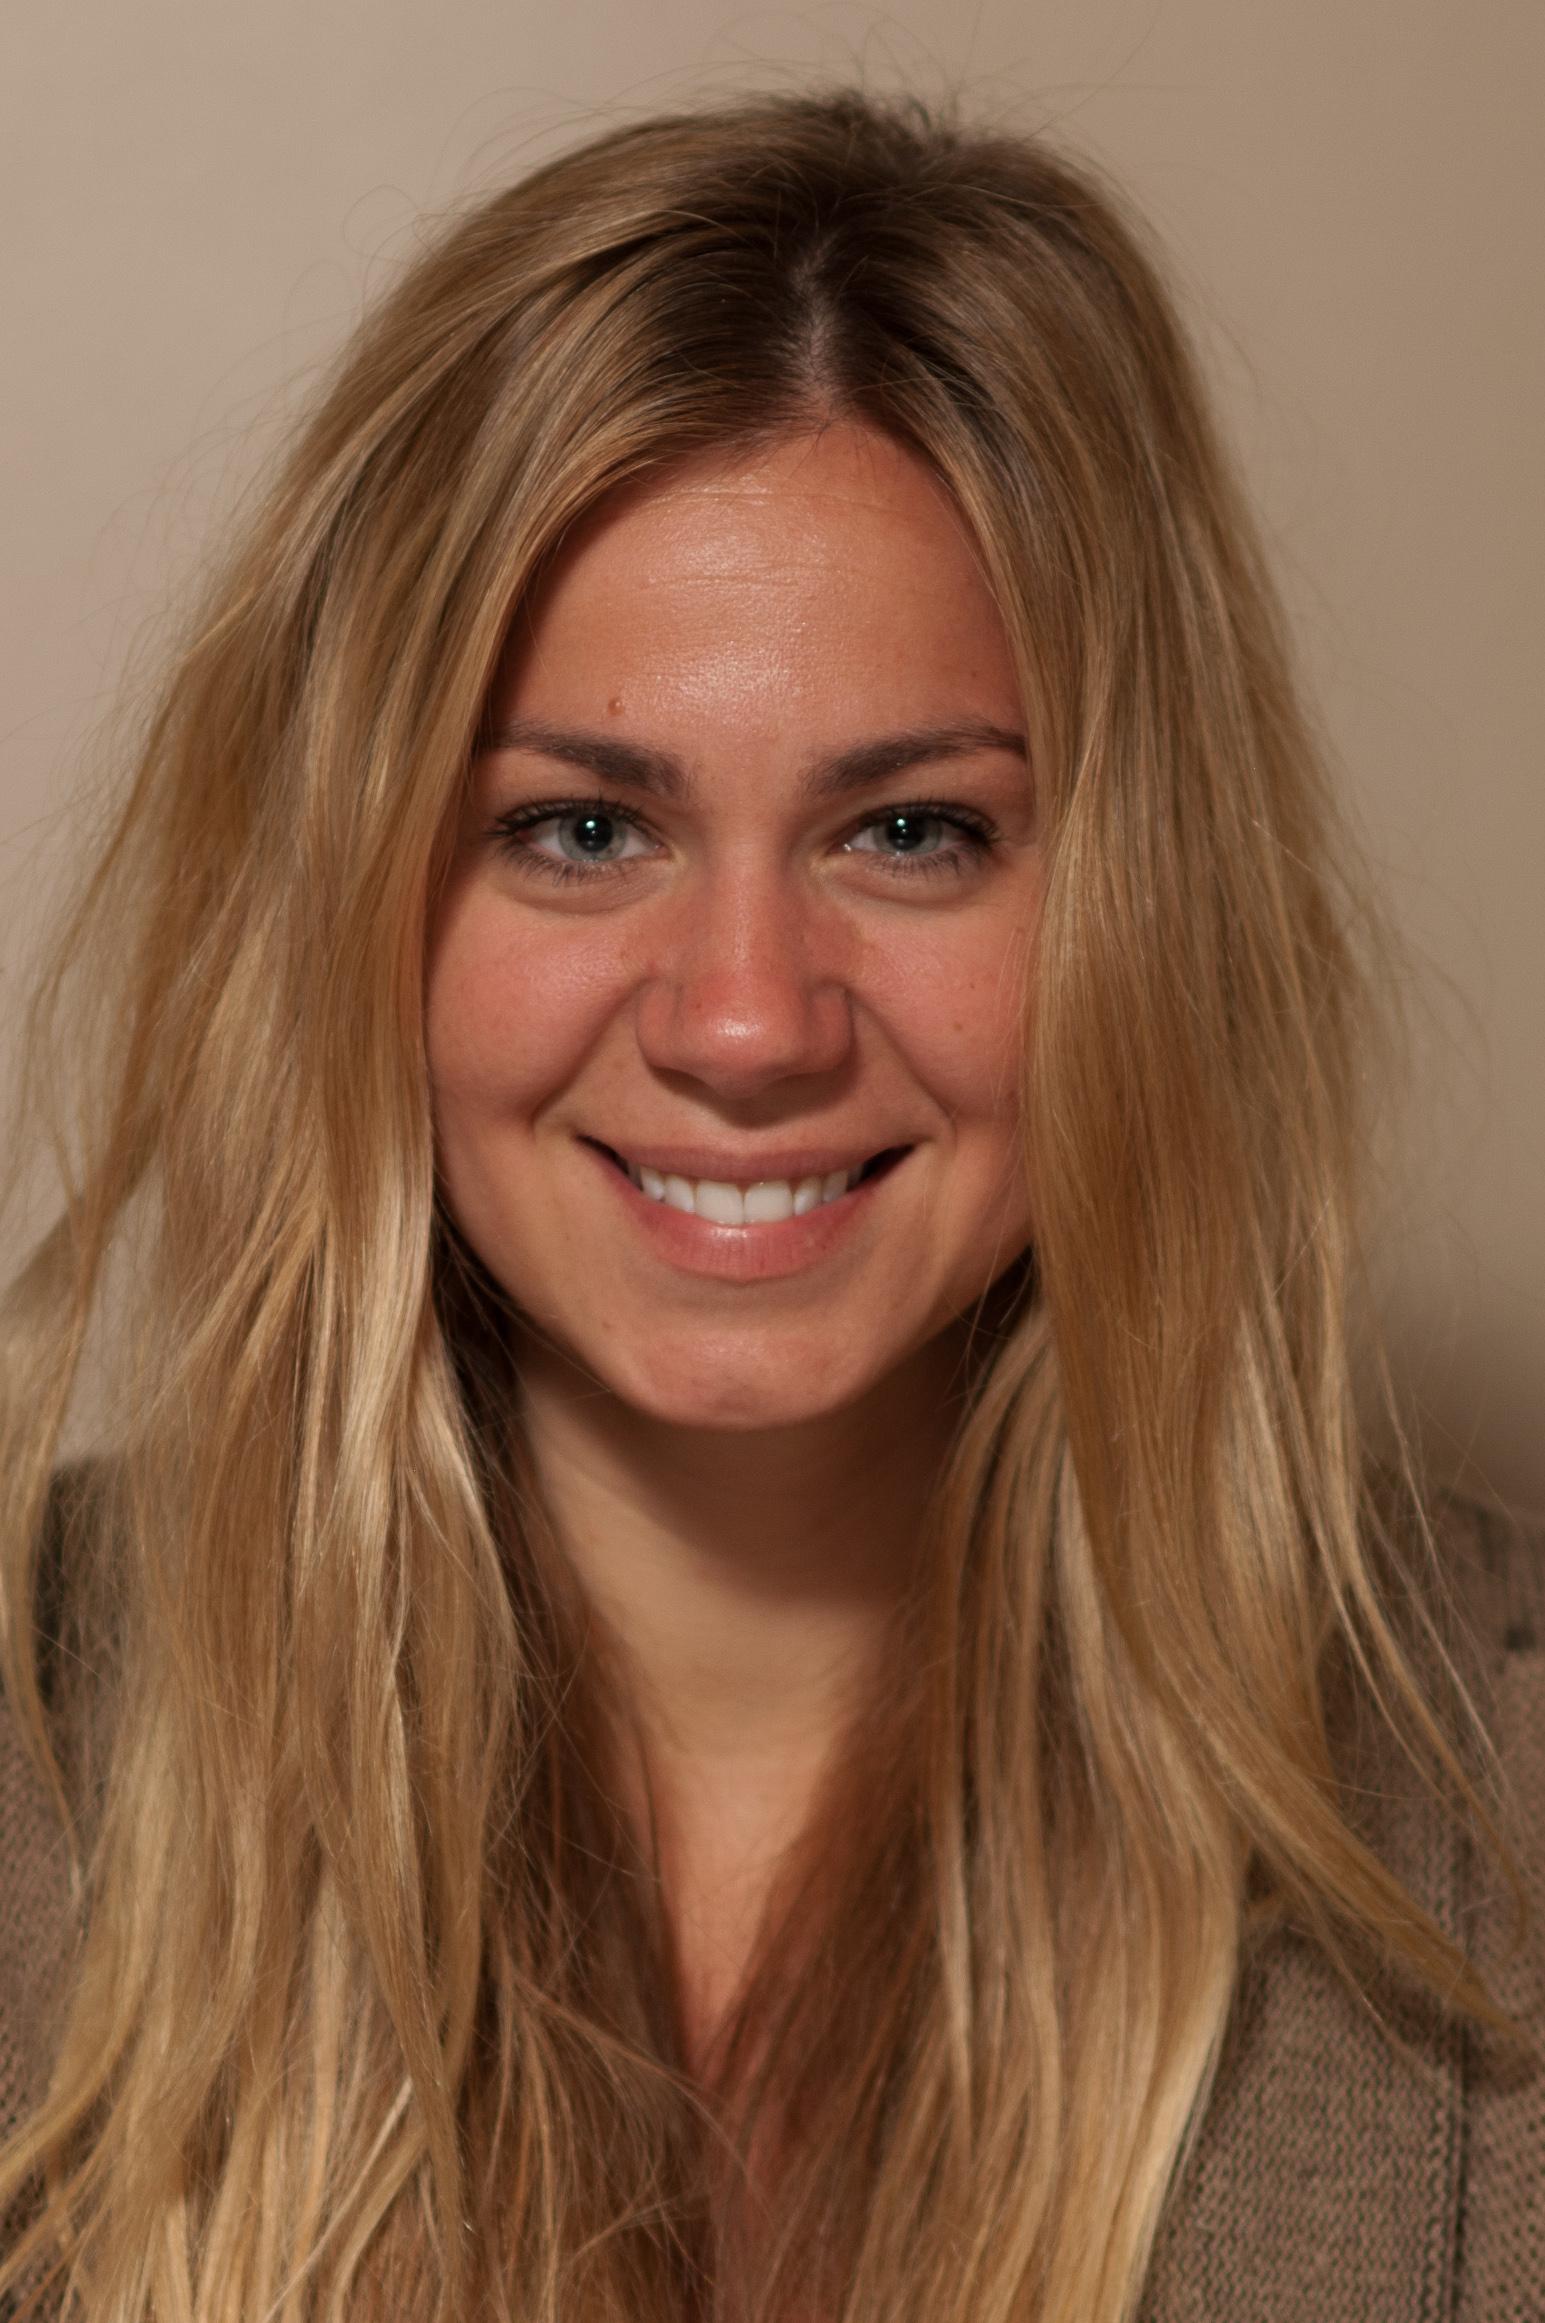 Lindsay Wodarkski '16